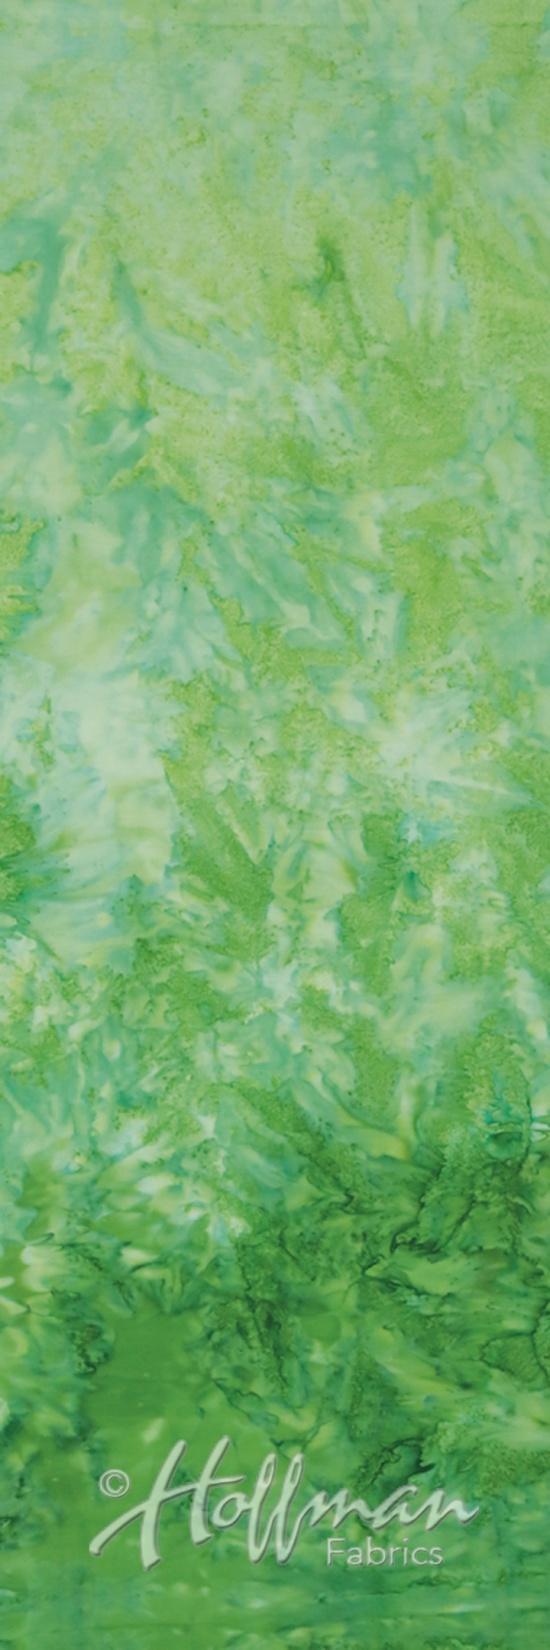 851-69-Jungle Bali Fabrics